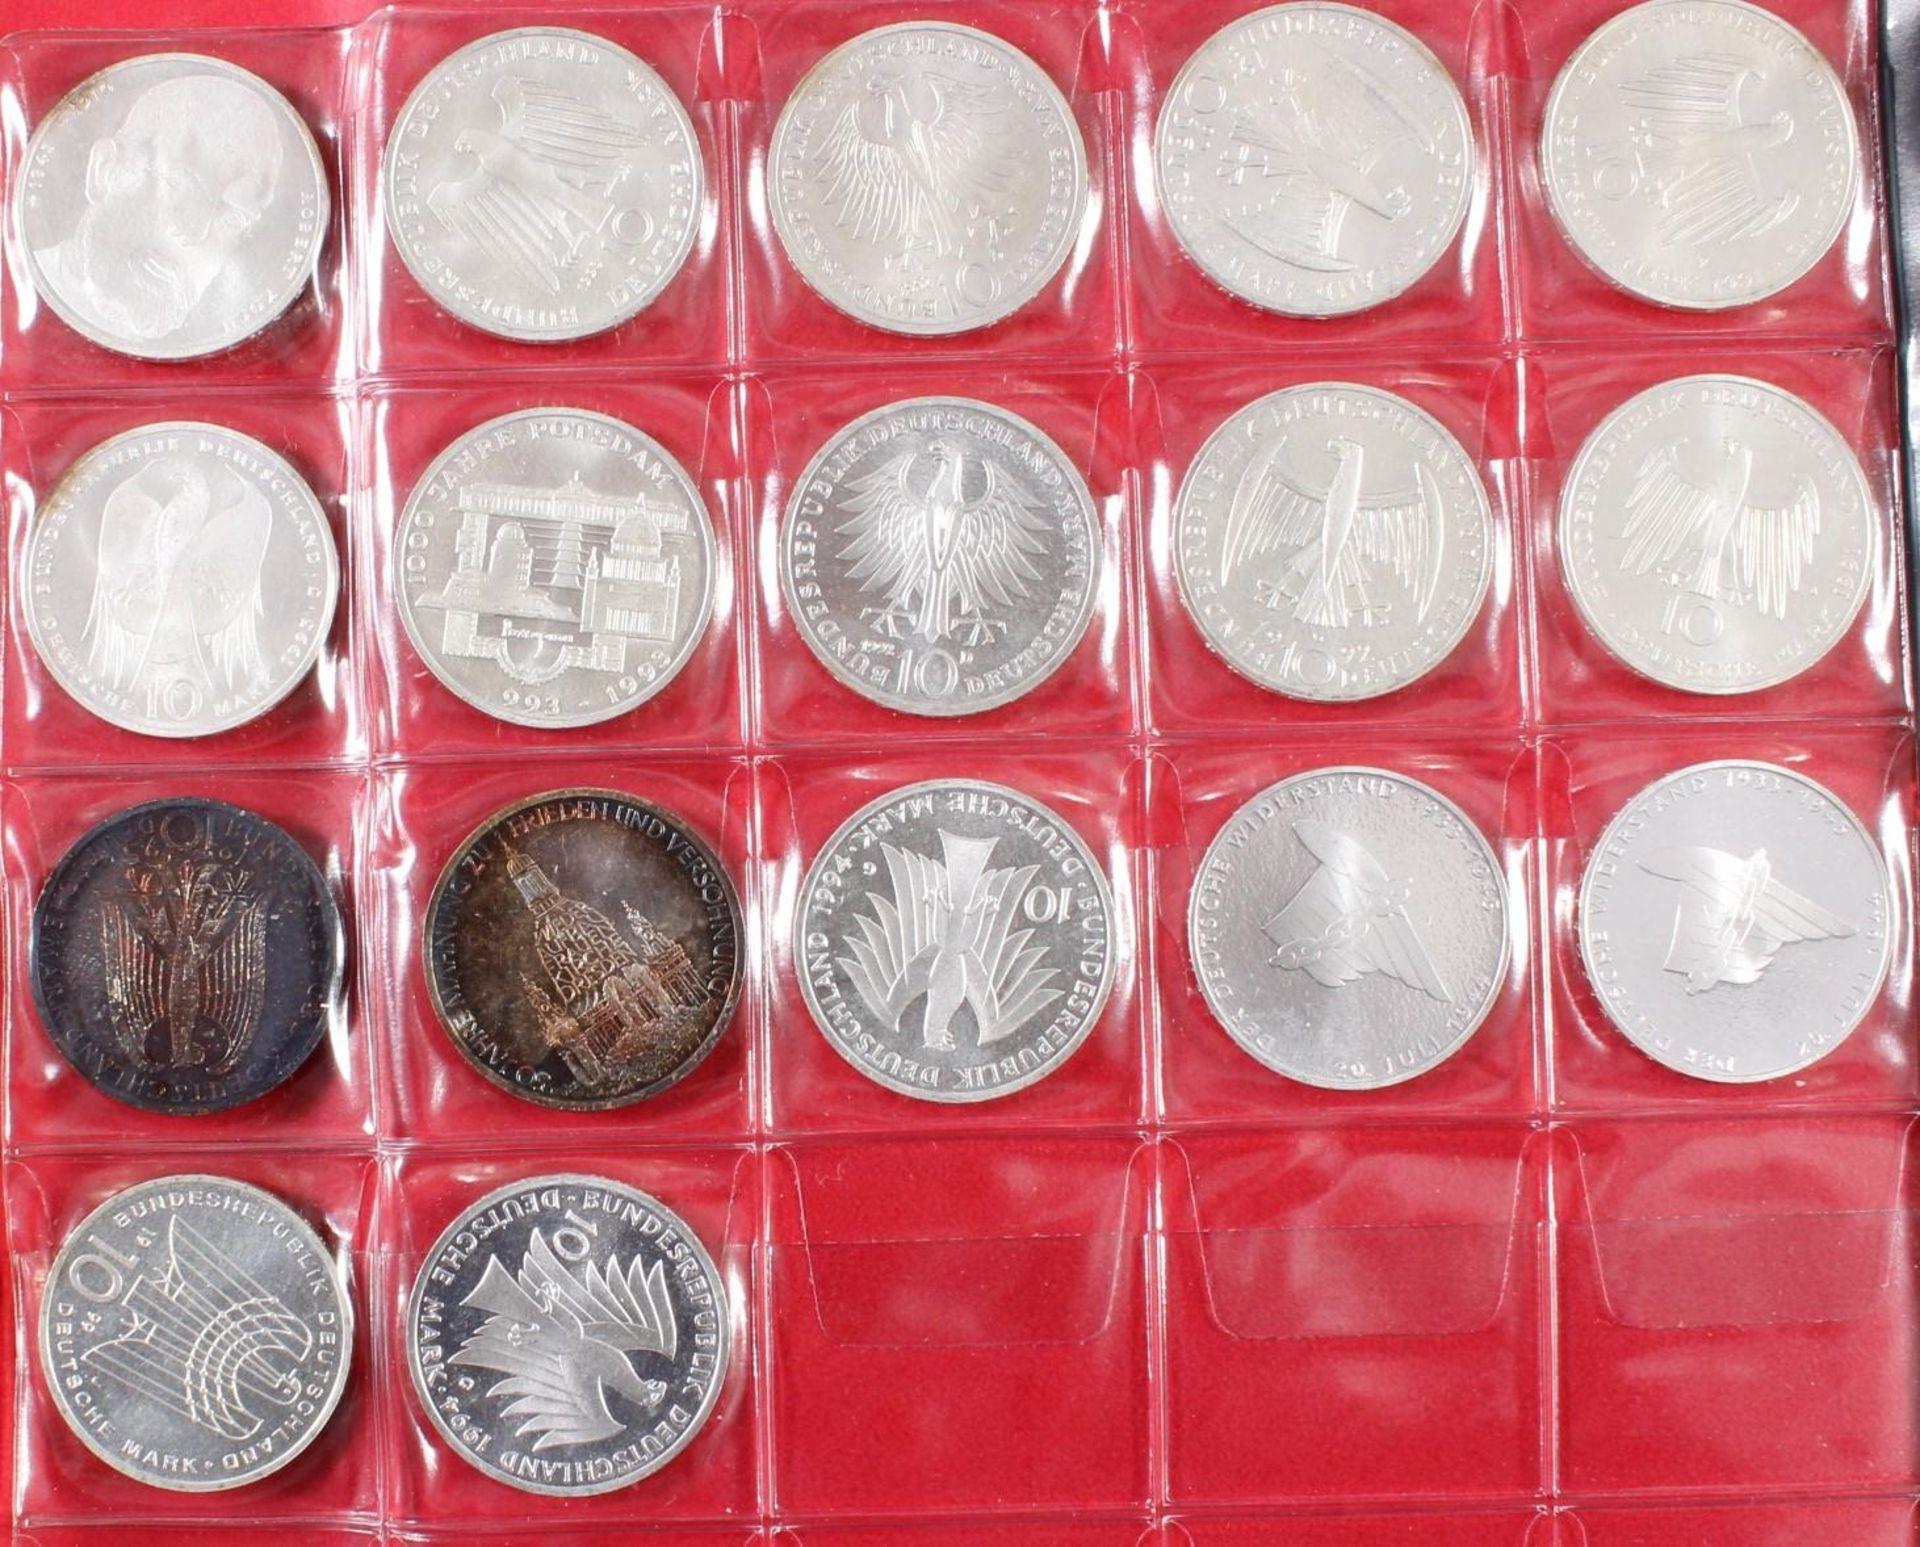 Münzsammlung BRD und alle Welt mit einer Goldmünze - Bild 9 aus 15